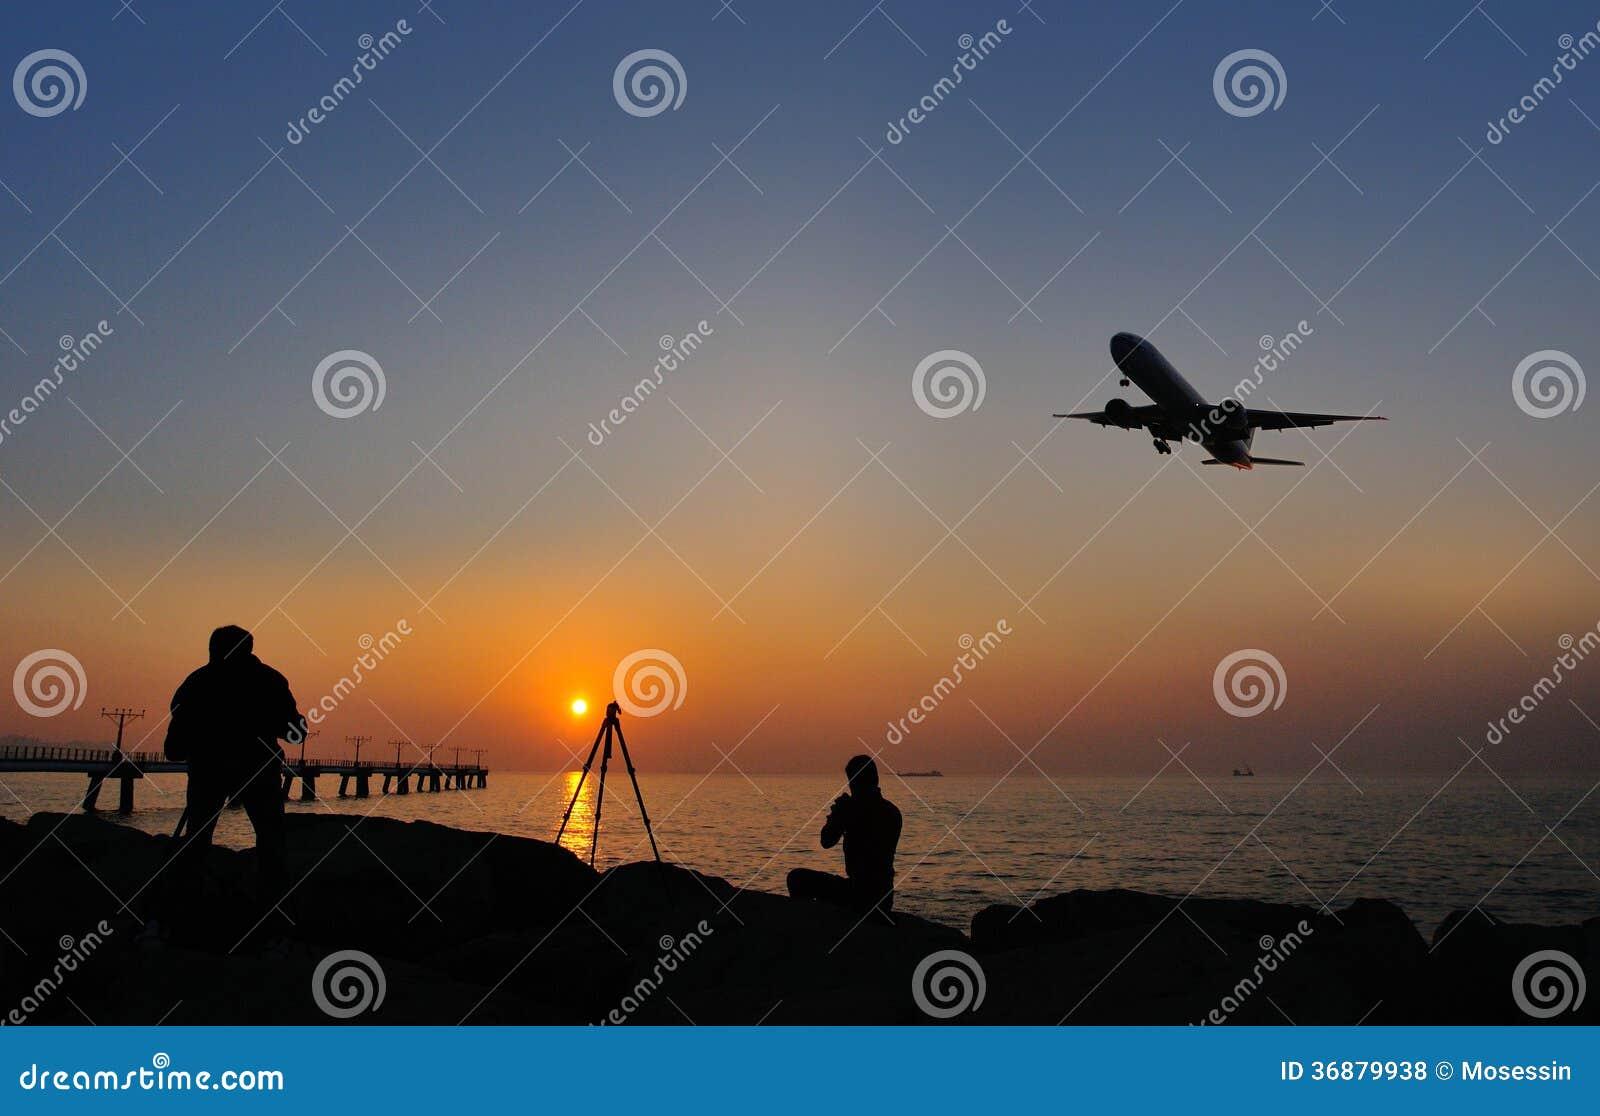 Download Atterraggio di aeroplano fotografia stock. Immagine di traccia - 36879938